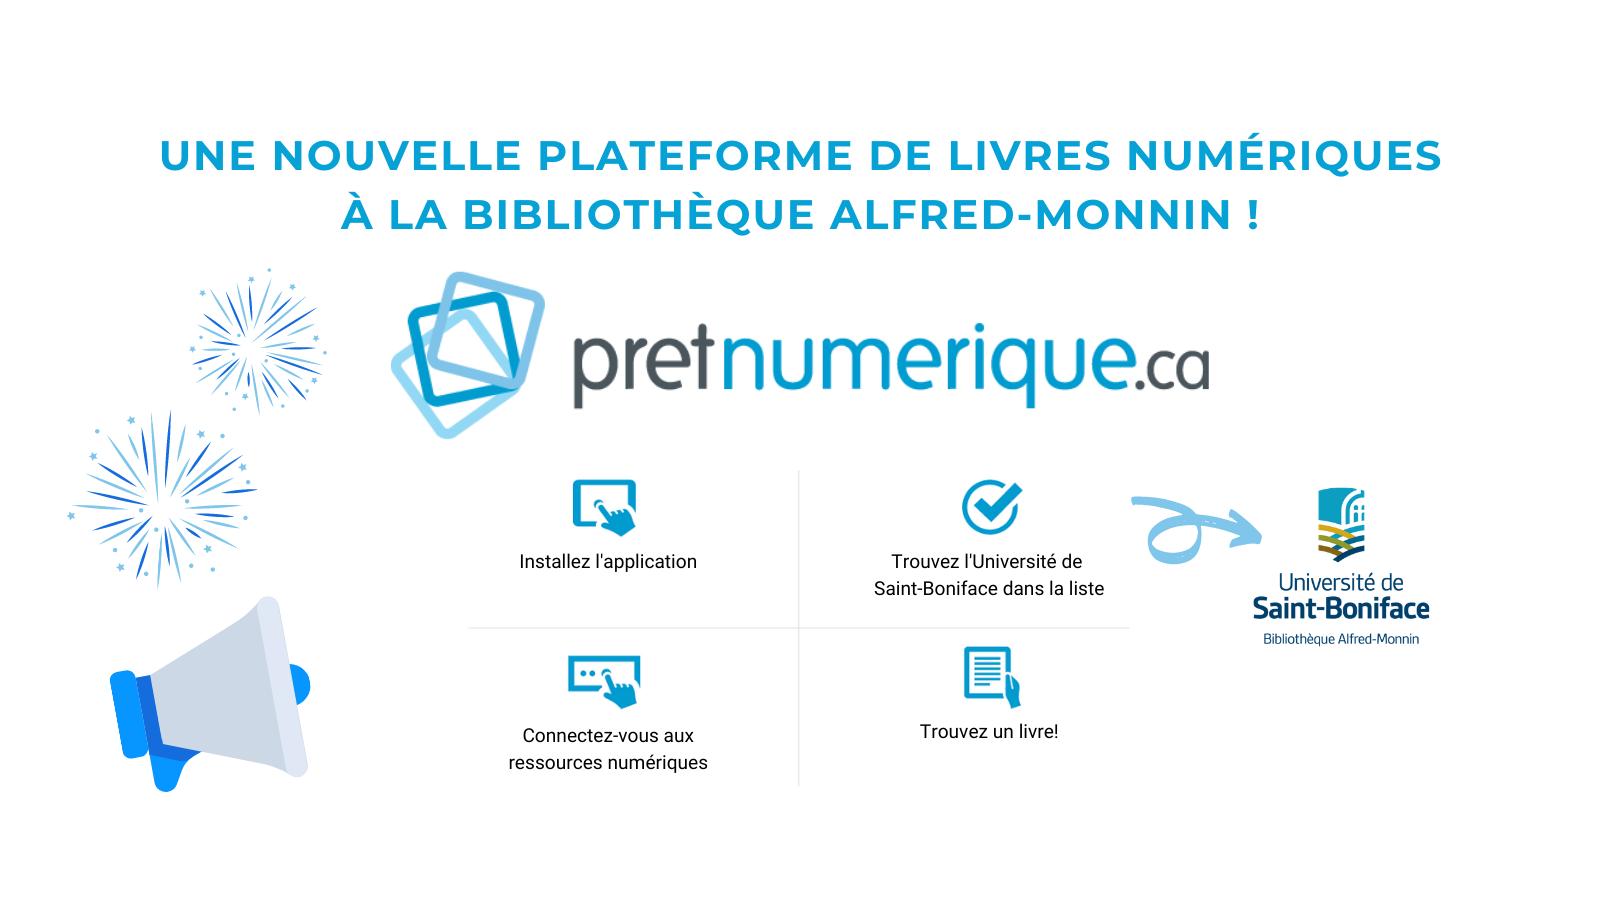 pretnumerique.ca